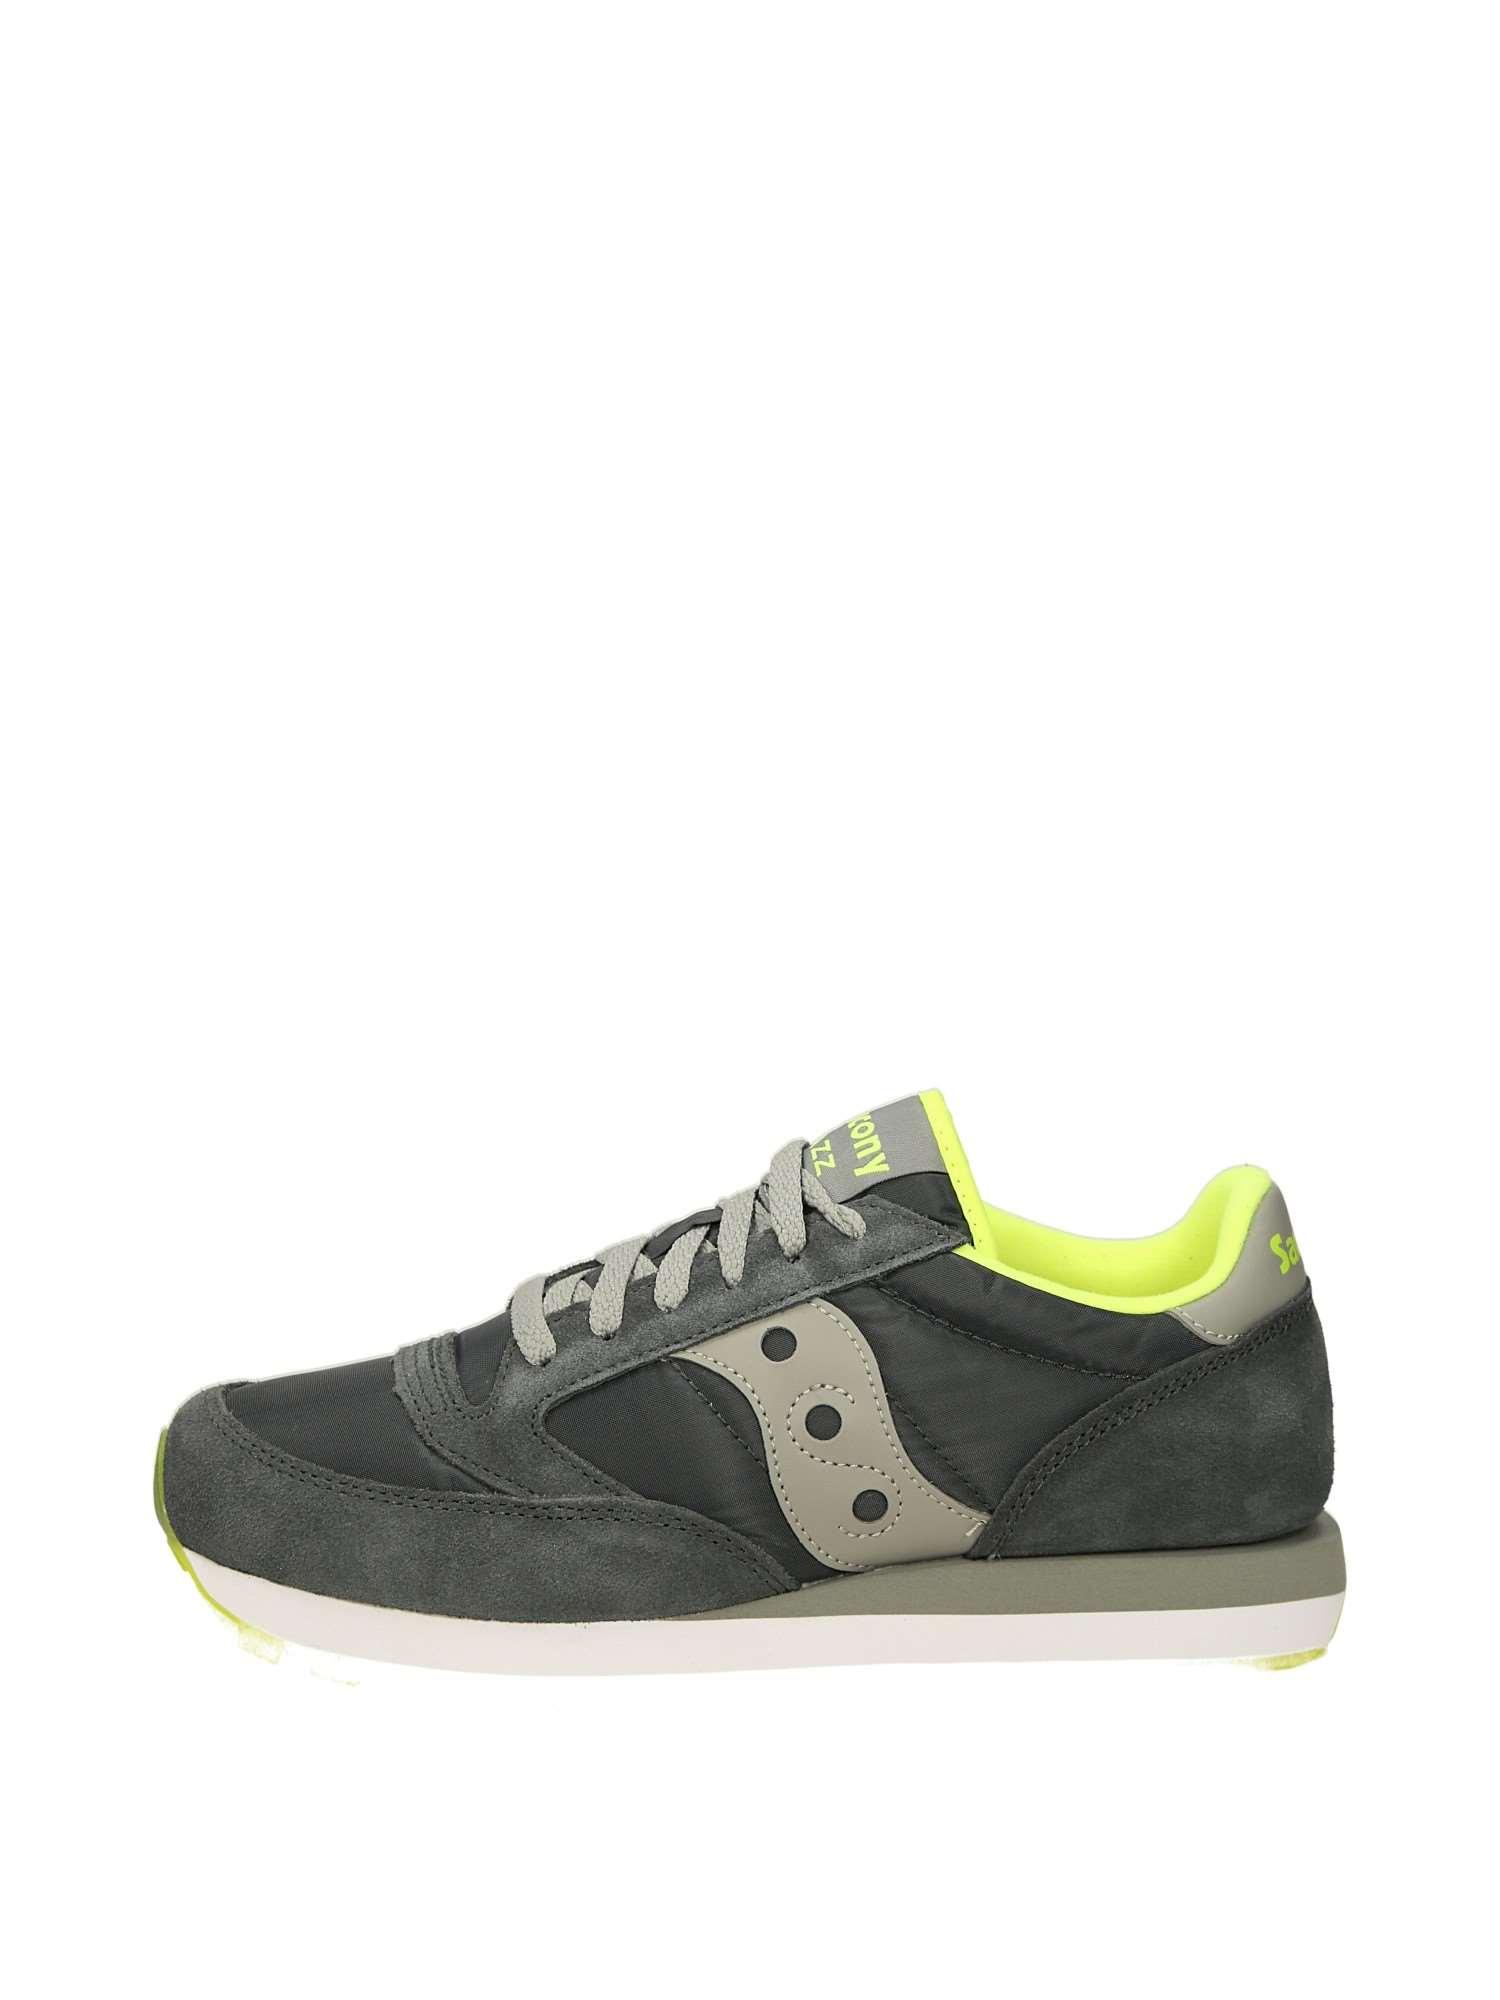 85888b4e5f Saucony Sneakers Basse Uomo Grigio Giallo | Lalilina